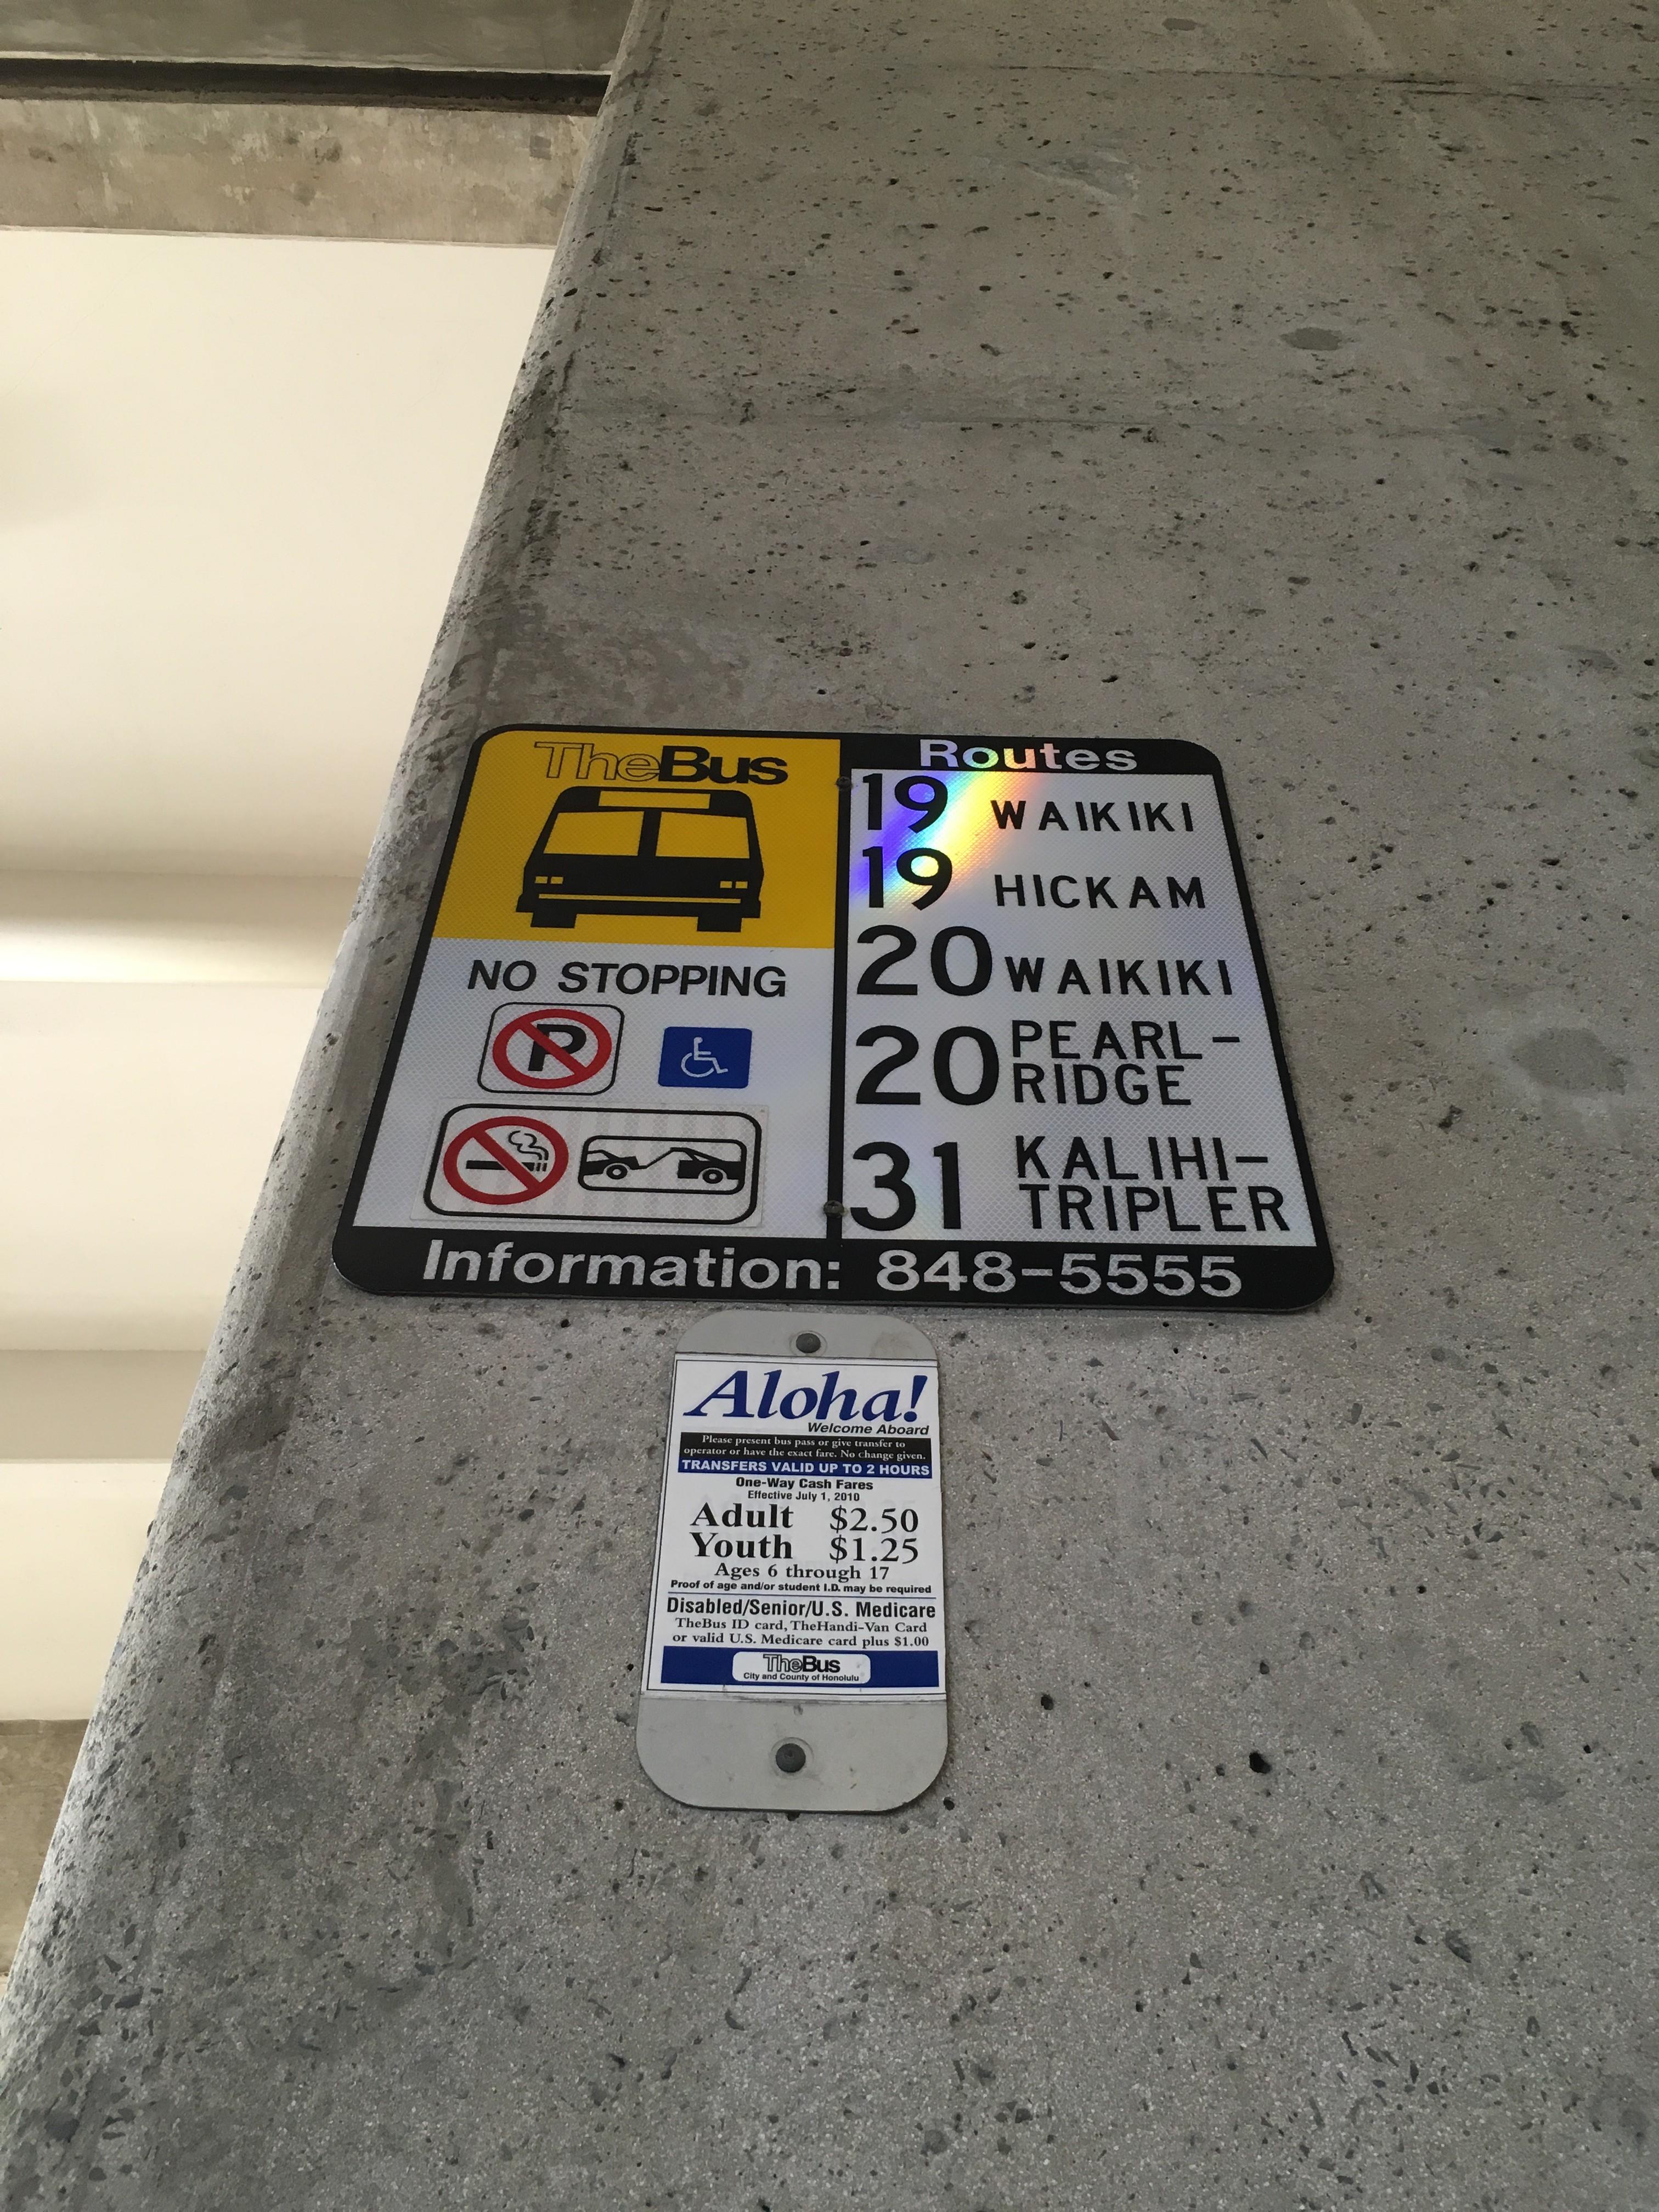 ホノルル空港から市内へ市バス2.5ドル(膝に乗る手荷物のみ持ち込み可能)